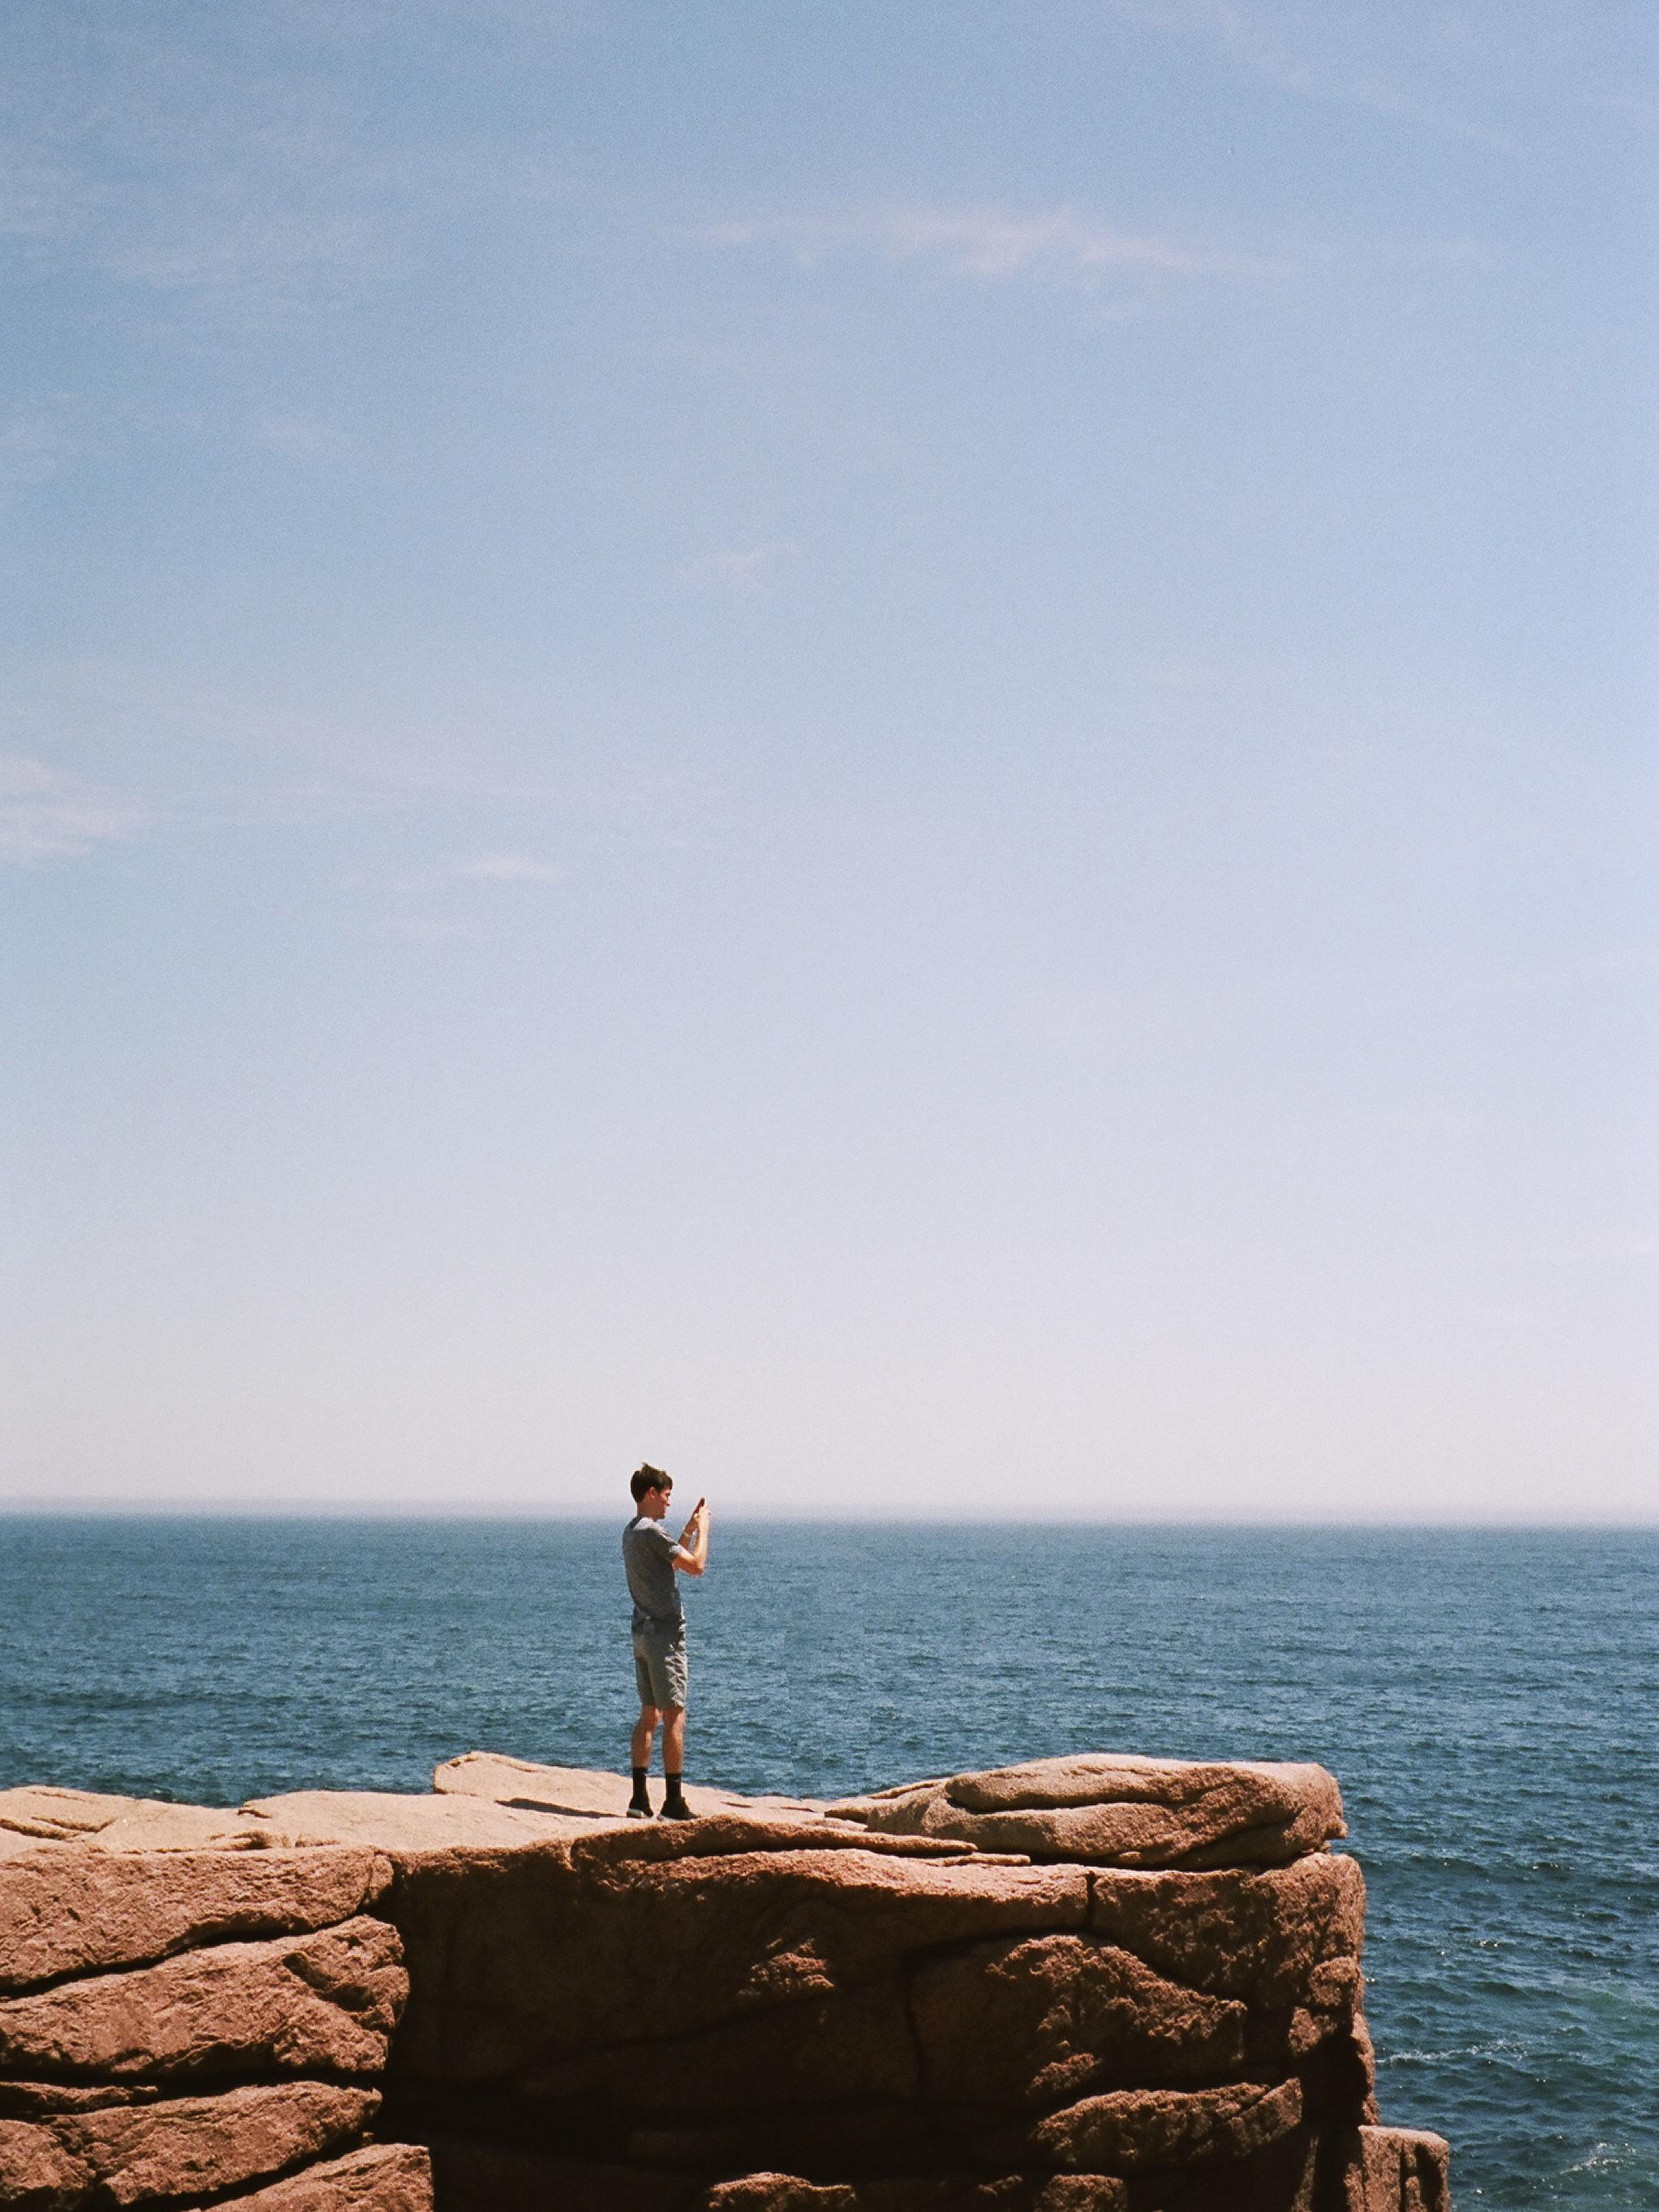 LeicaM6_Portra400-352.jpg